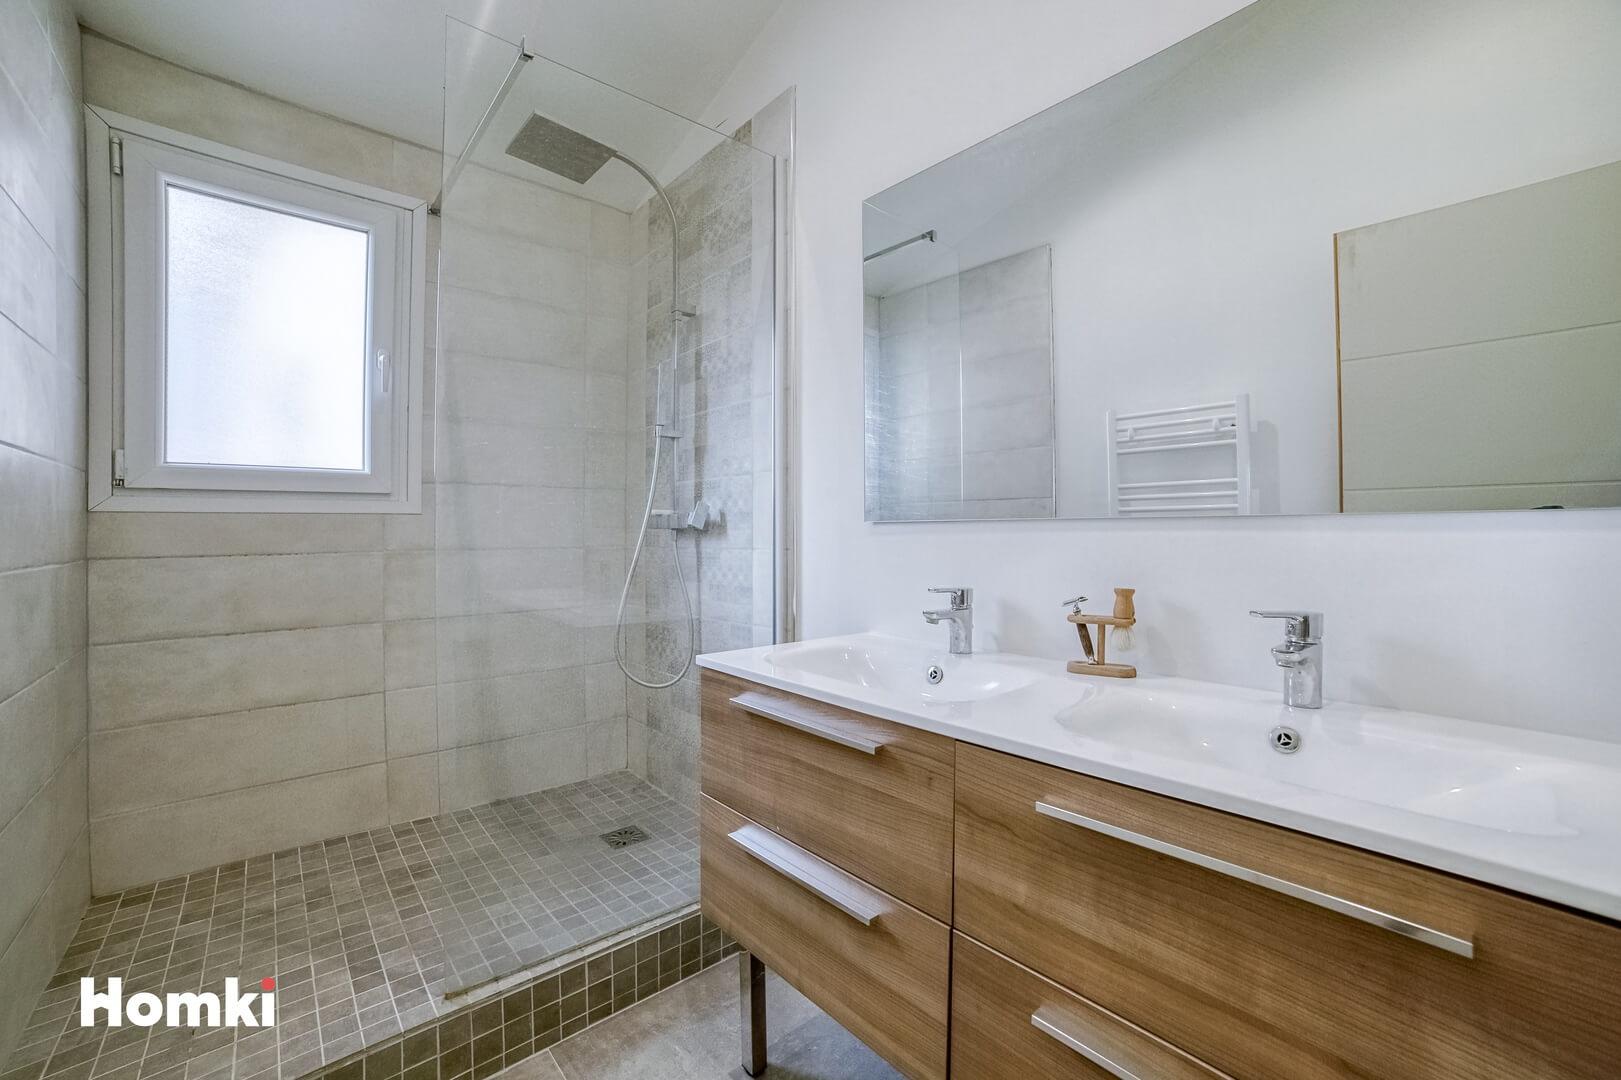 Homki - Vente Appartement  de 60.0 m² à CAGNES SUR MER 06800